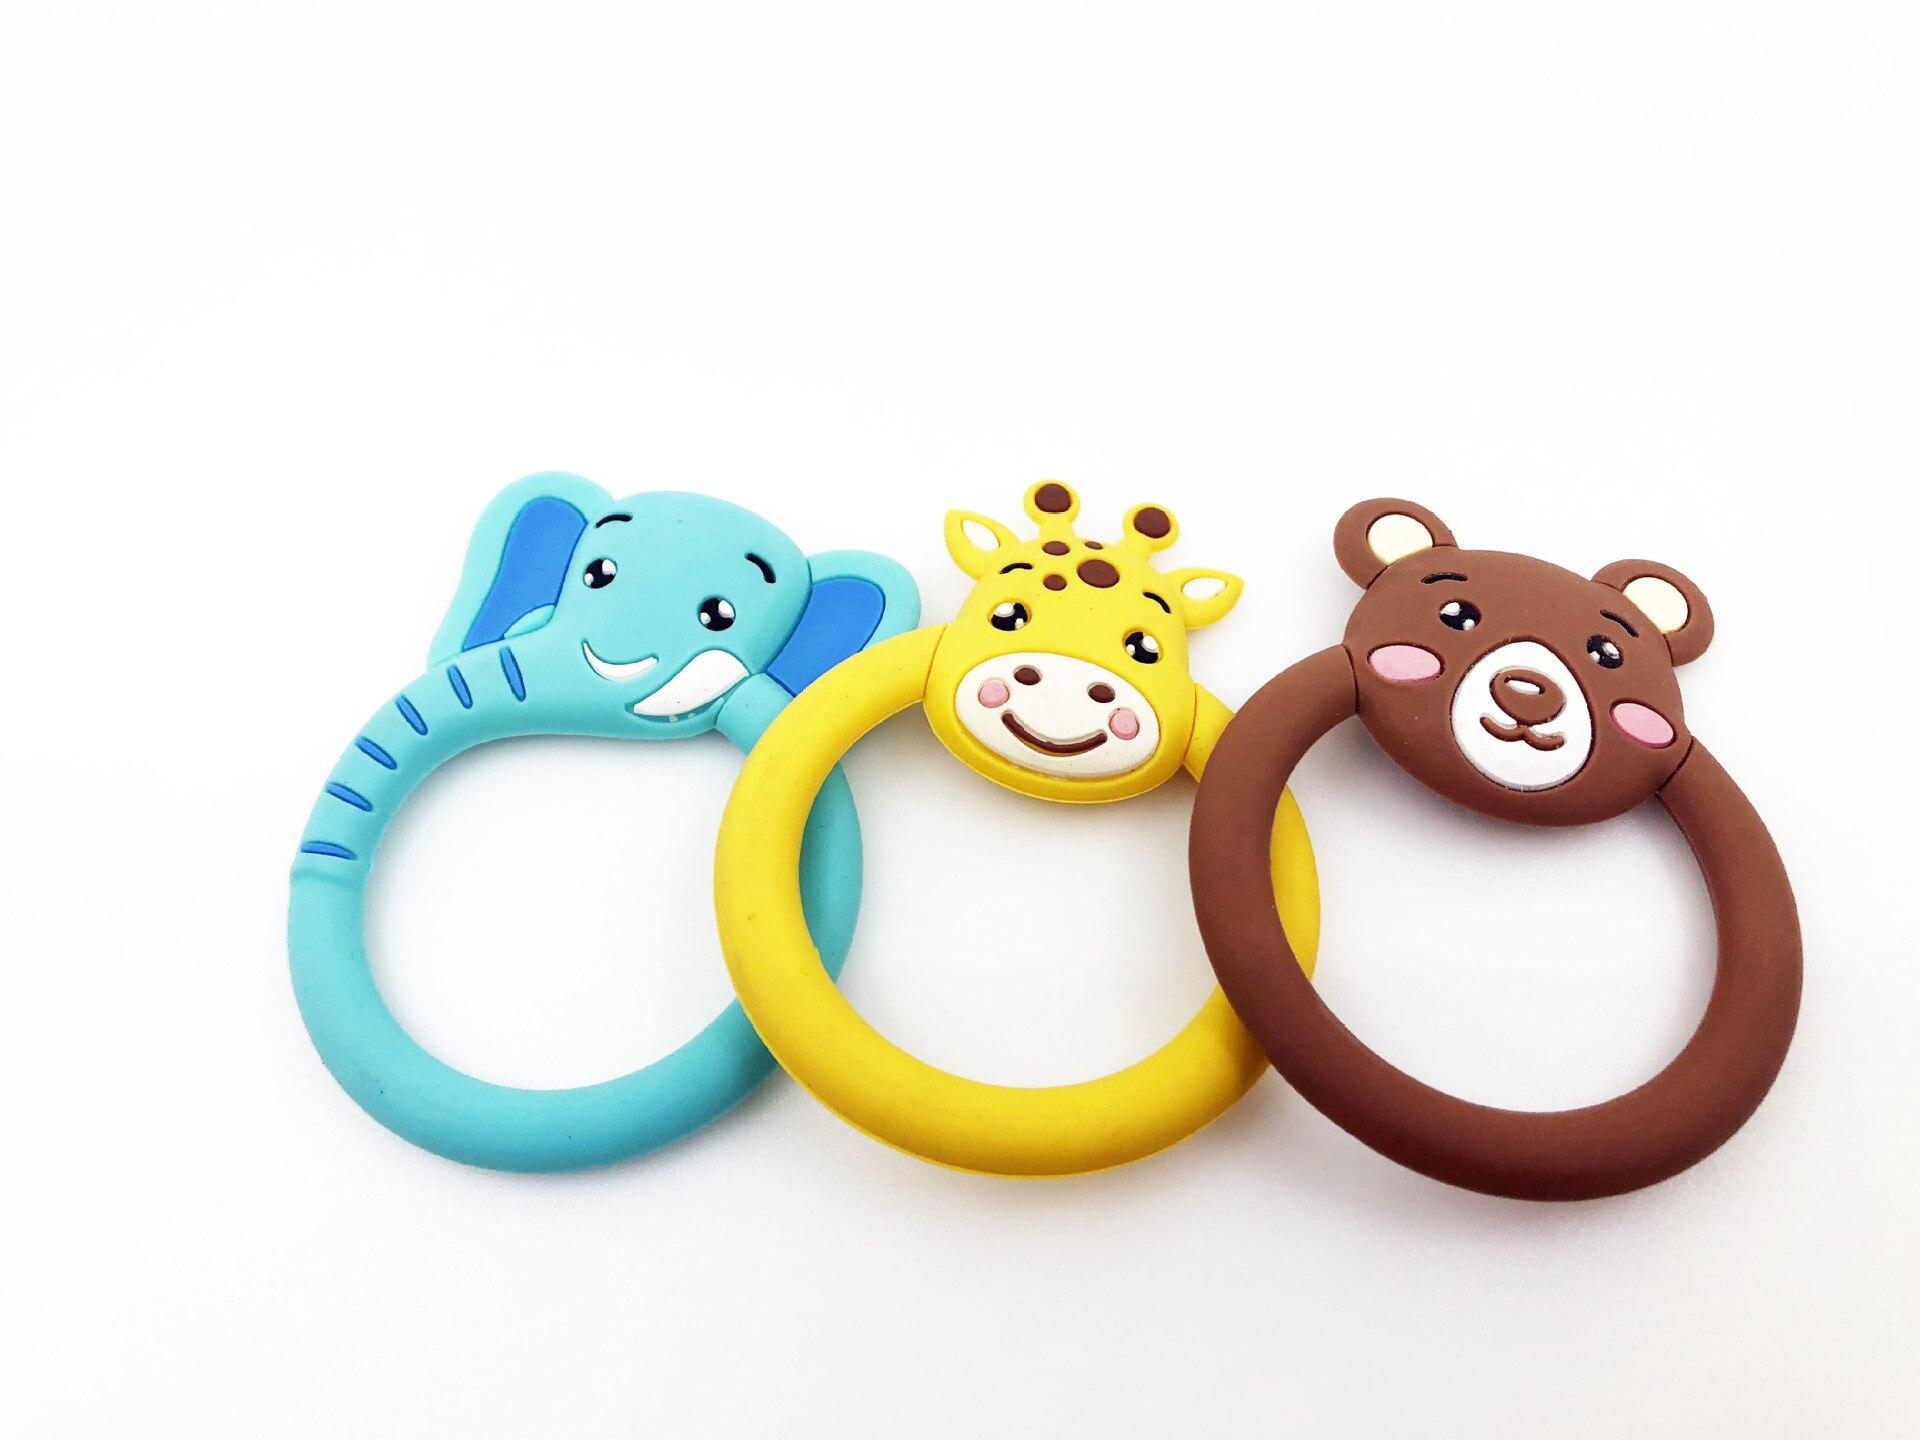 Детский Прорезыватель для зубов, мультяшный Прорезыватель для зубов, Силиконовые бусы, не содержат Бисфенол А игрушки